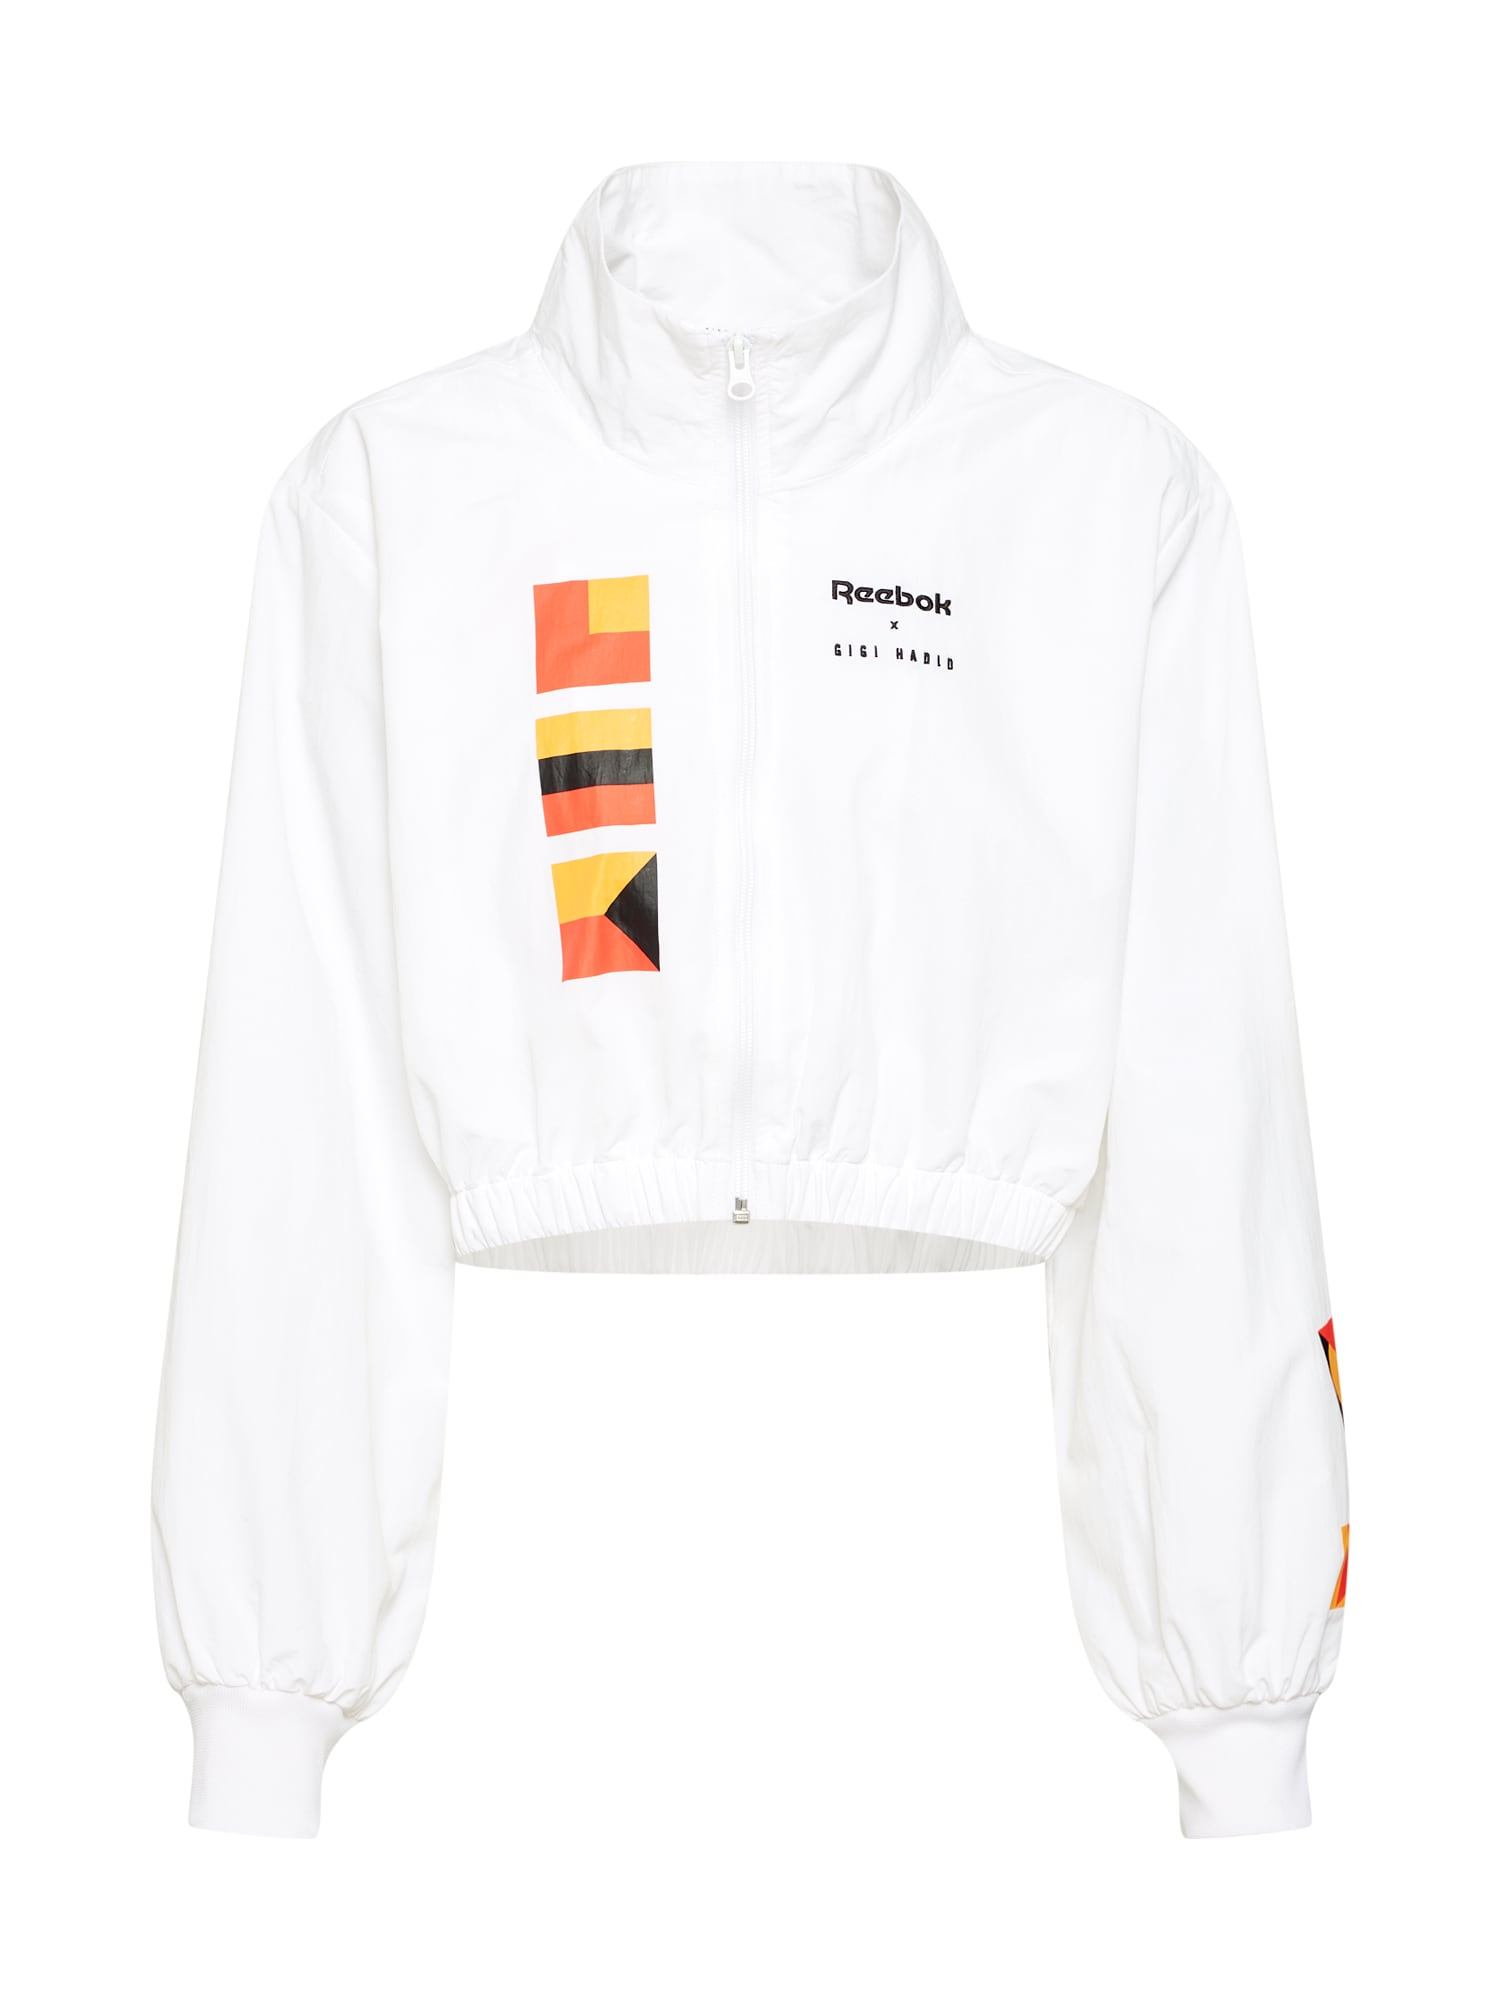 Přechodná bunda Gigi oranžová oranžově červená černá bílá Reebok Classic